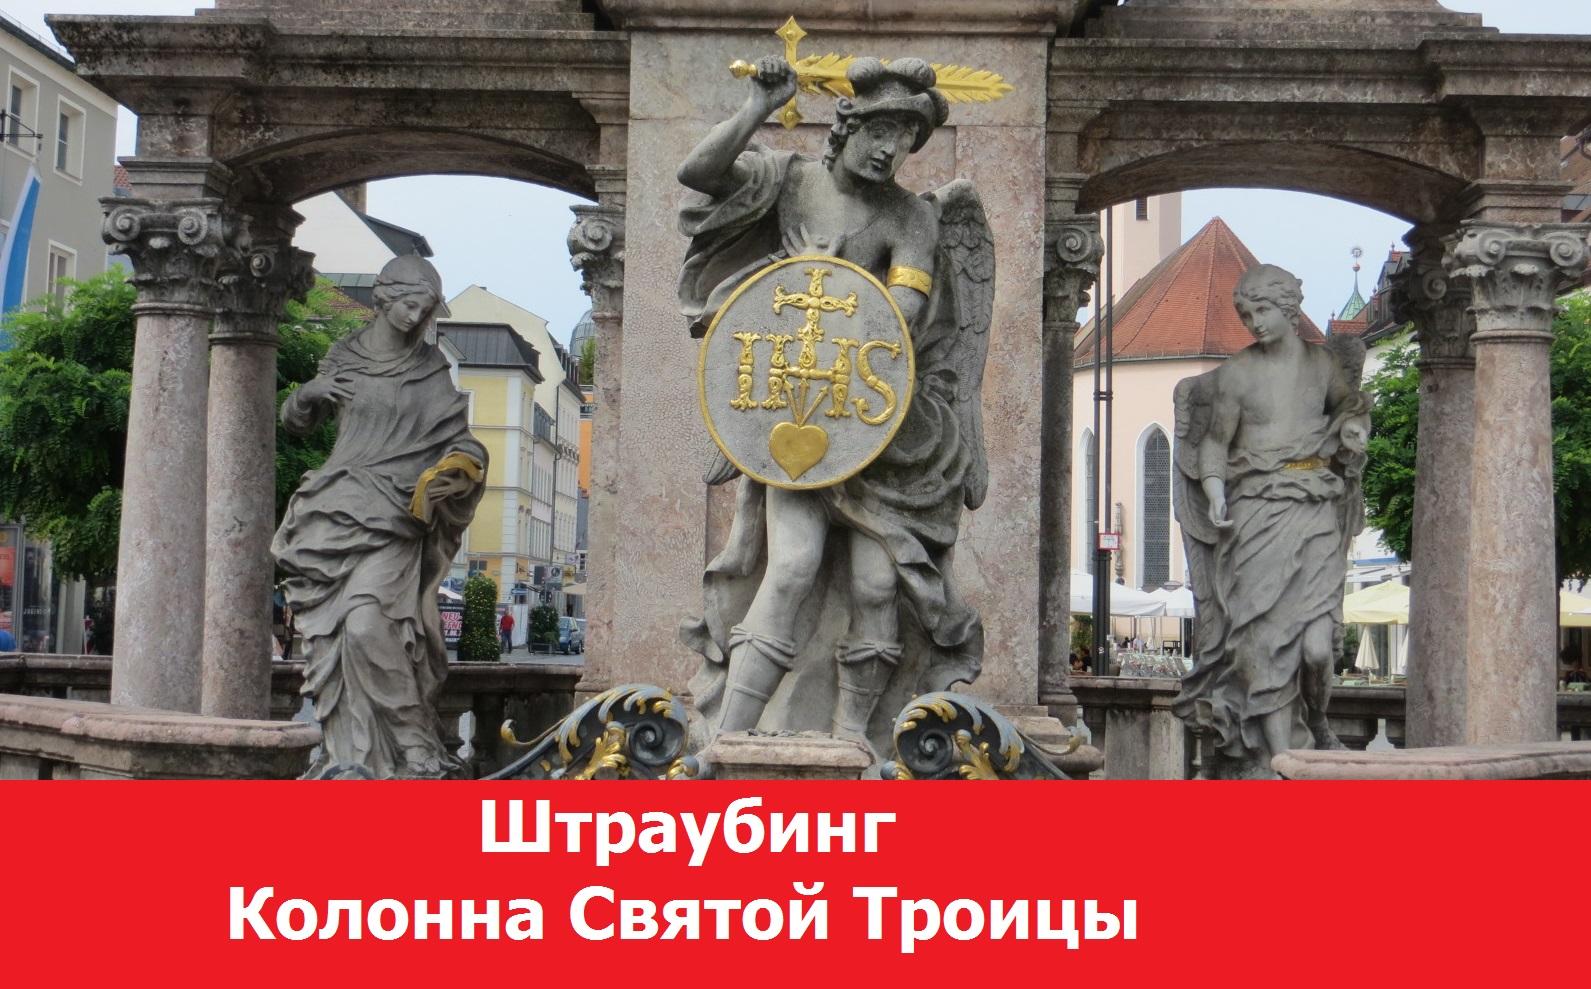 Штраубинг. Колонна Святой Троицы. Аудиогид, видеопутеводитель